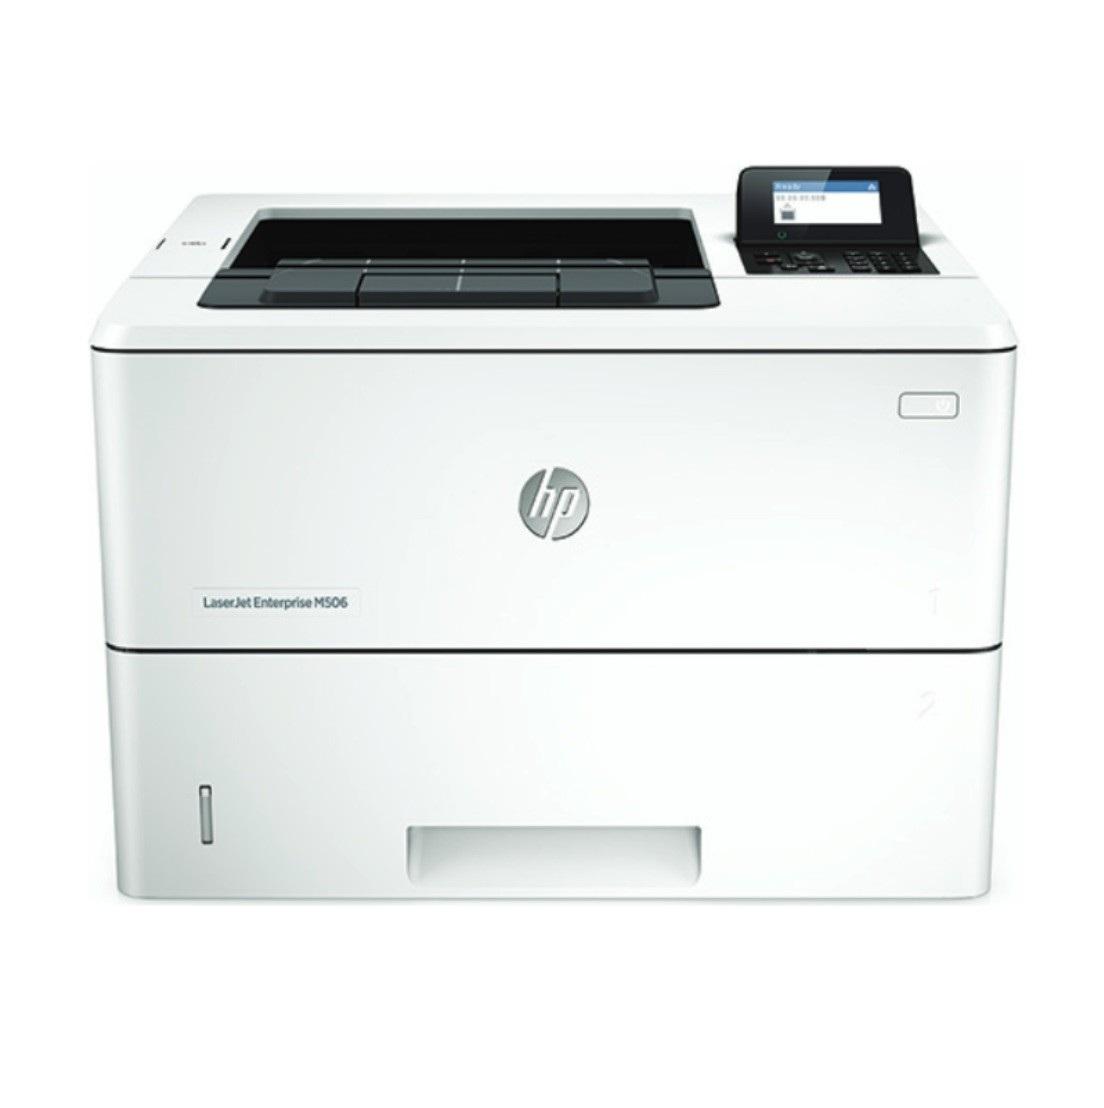 Máy in đen trắng HP Laserjet Pro M402DN